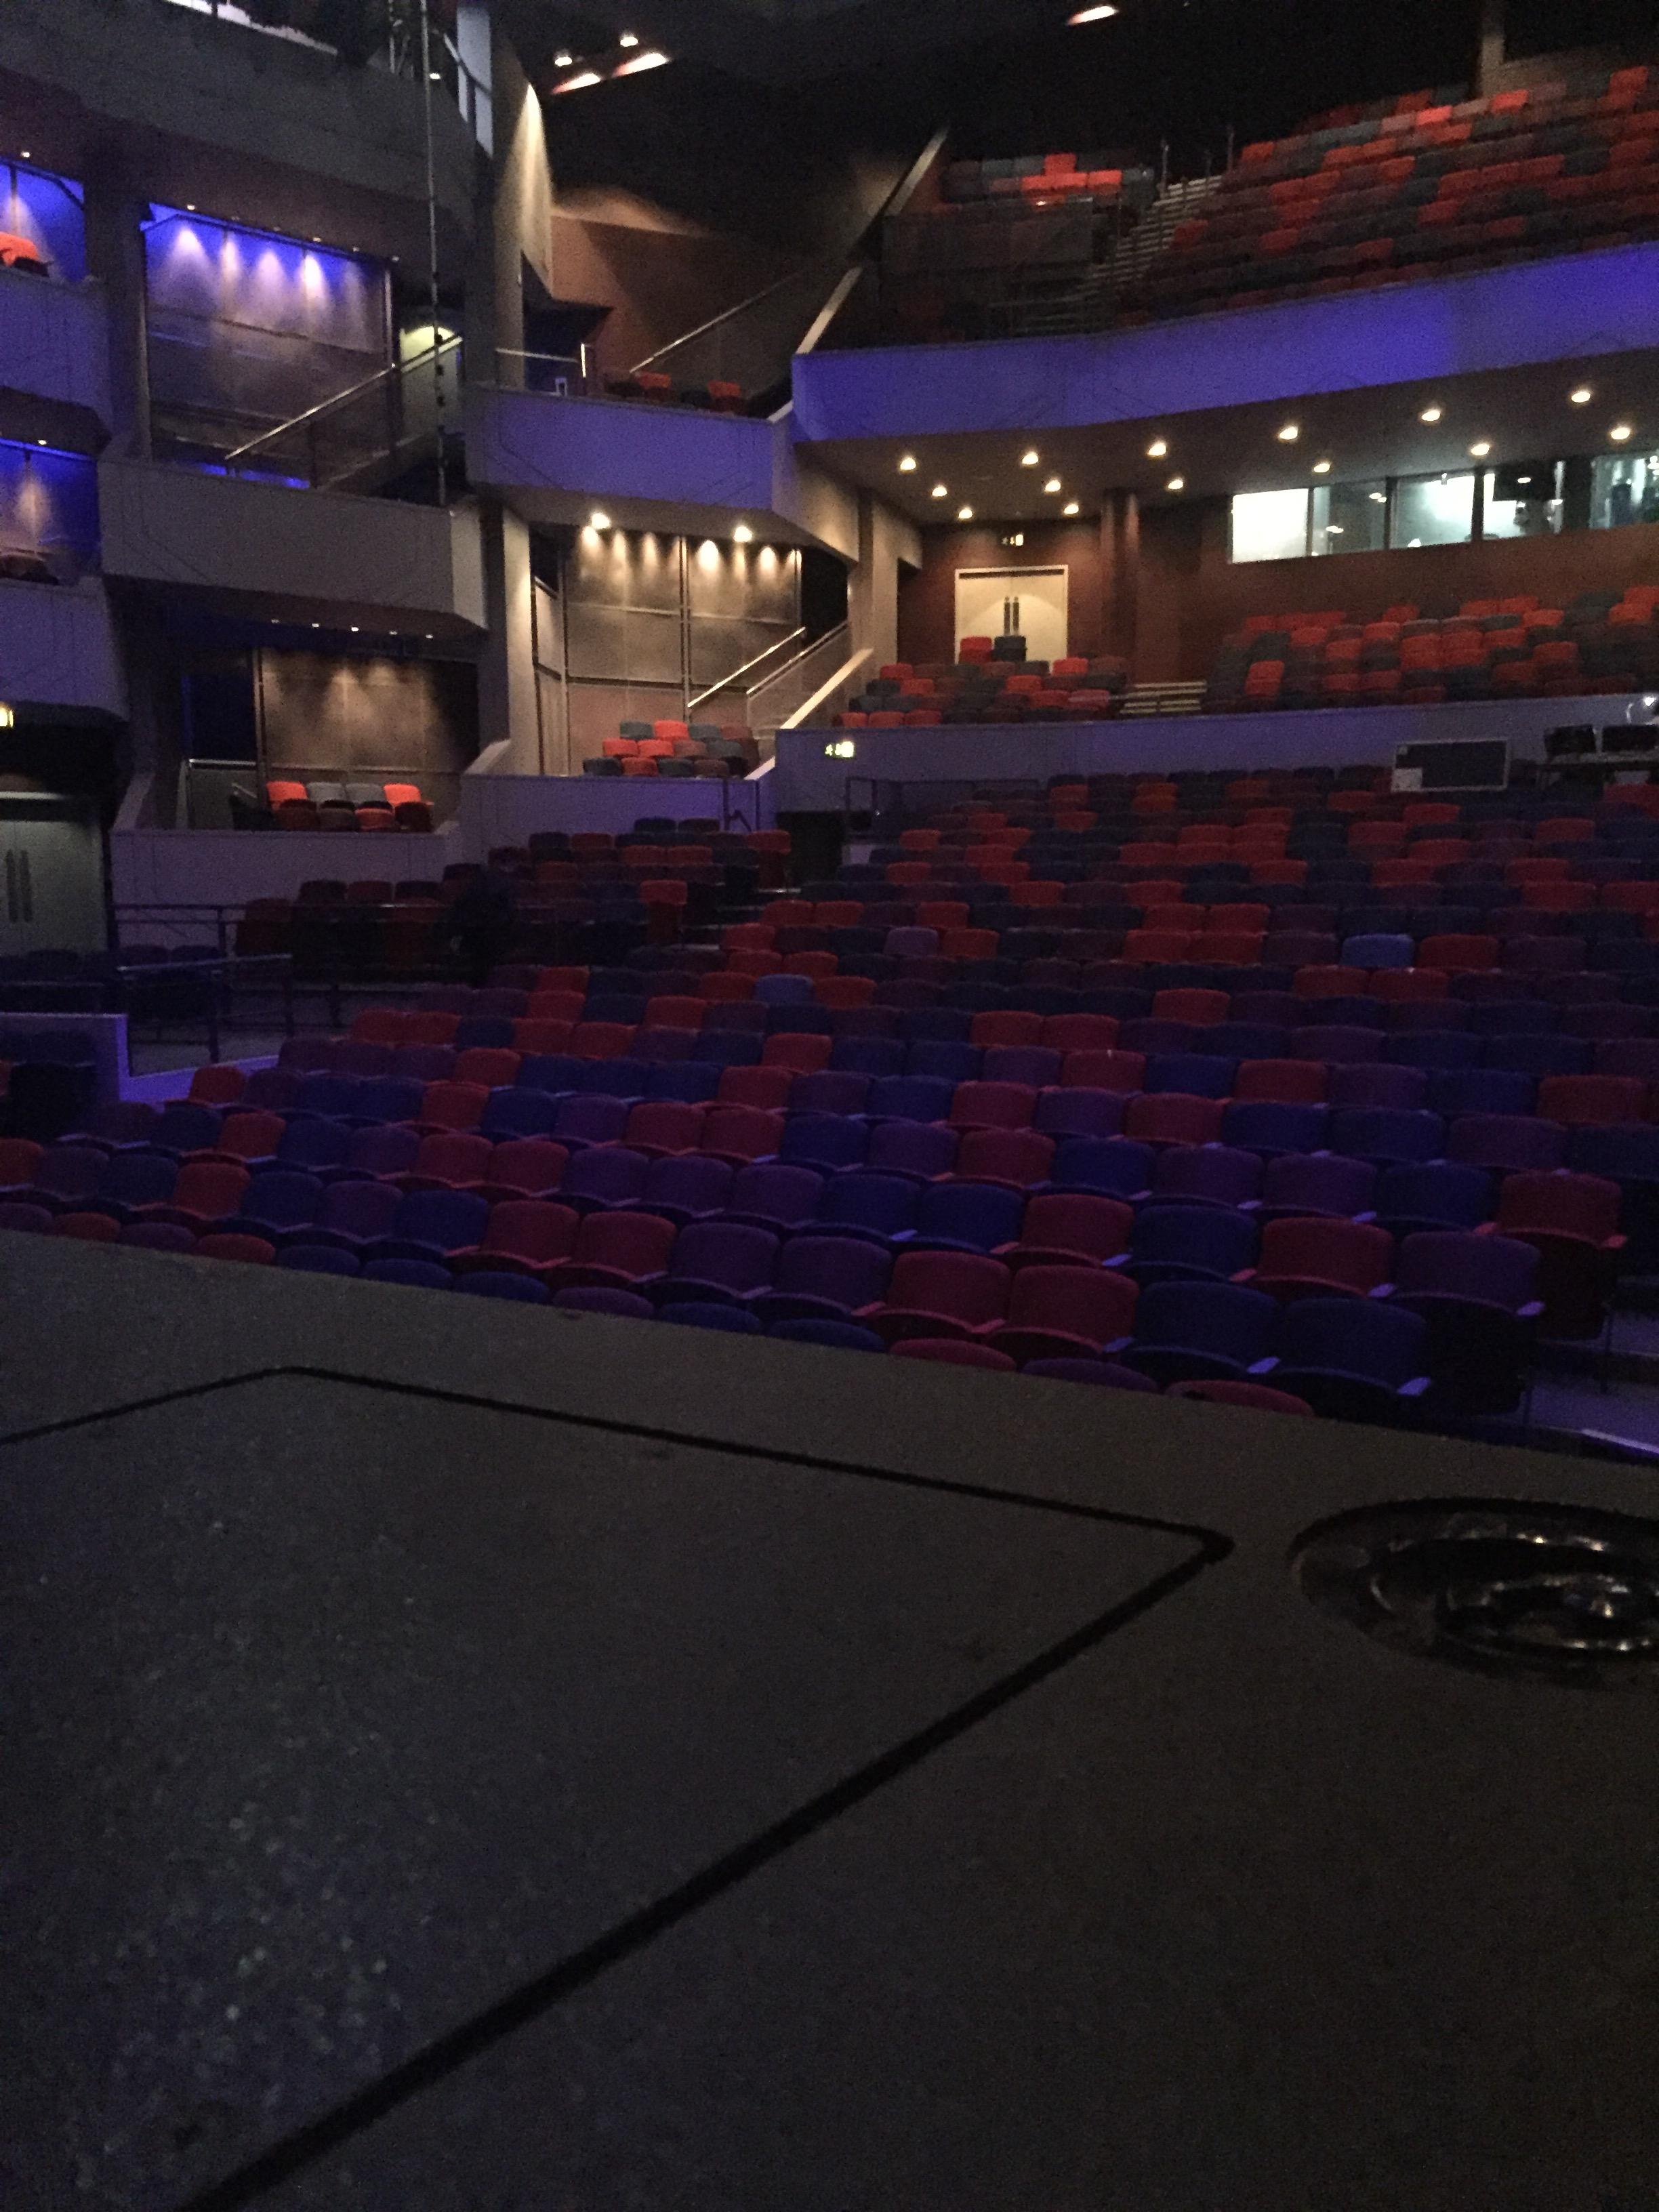 Https Tessitura 2016 06 16t150848 Ricoh Strap St 3 W 21 Auditorium Dark